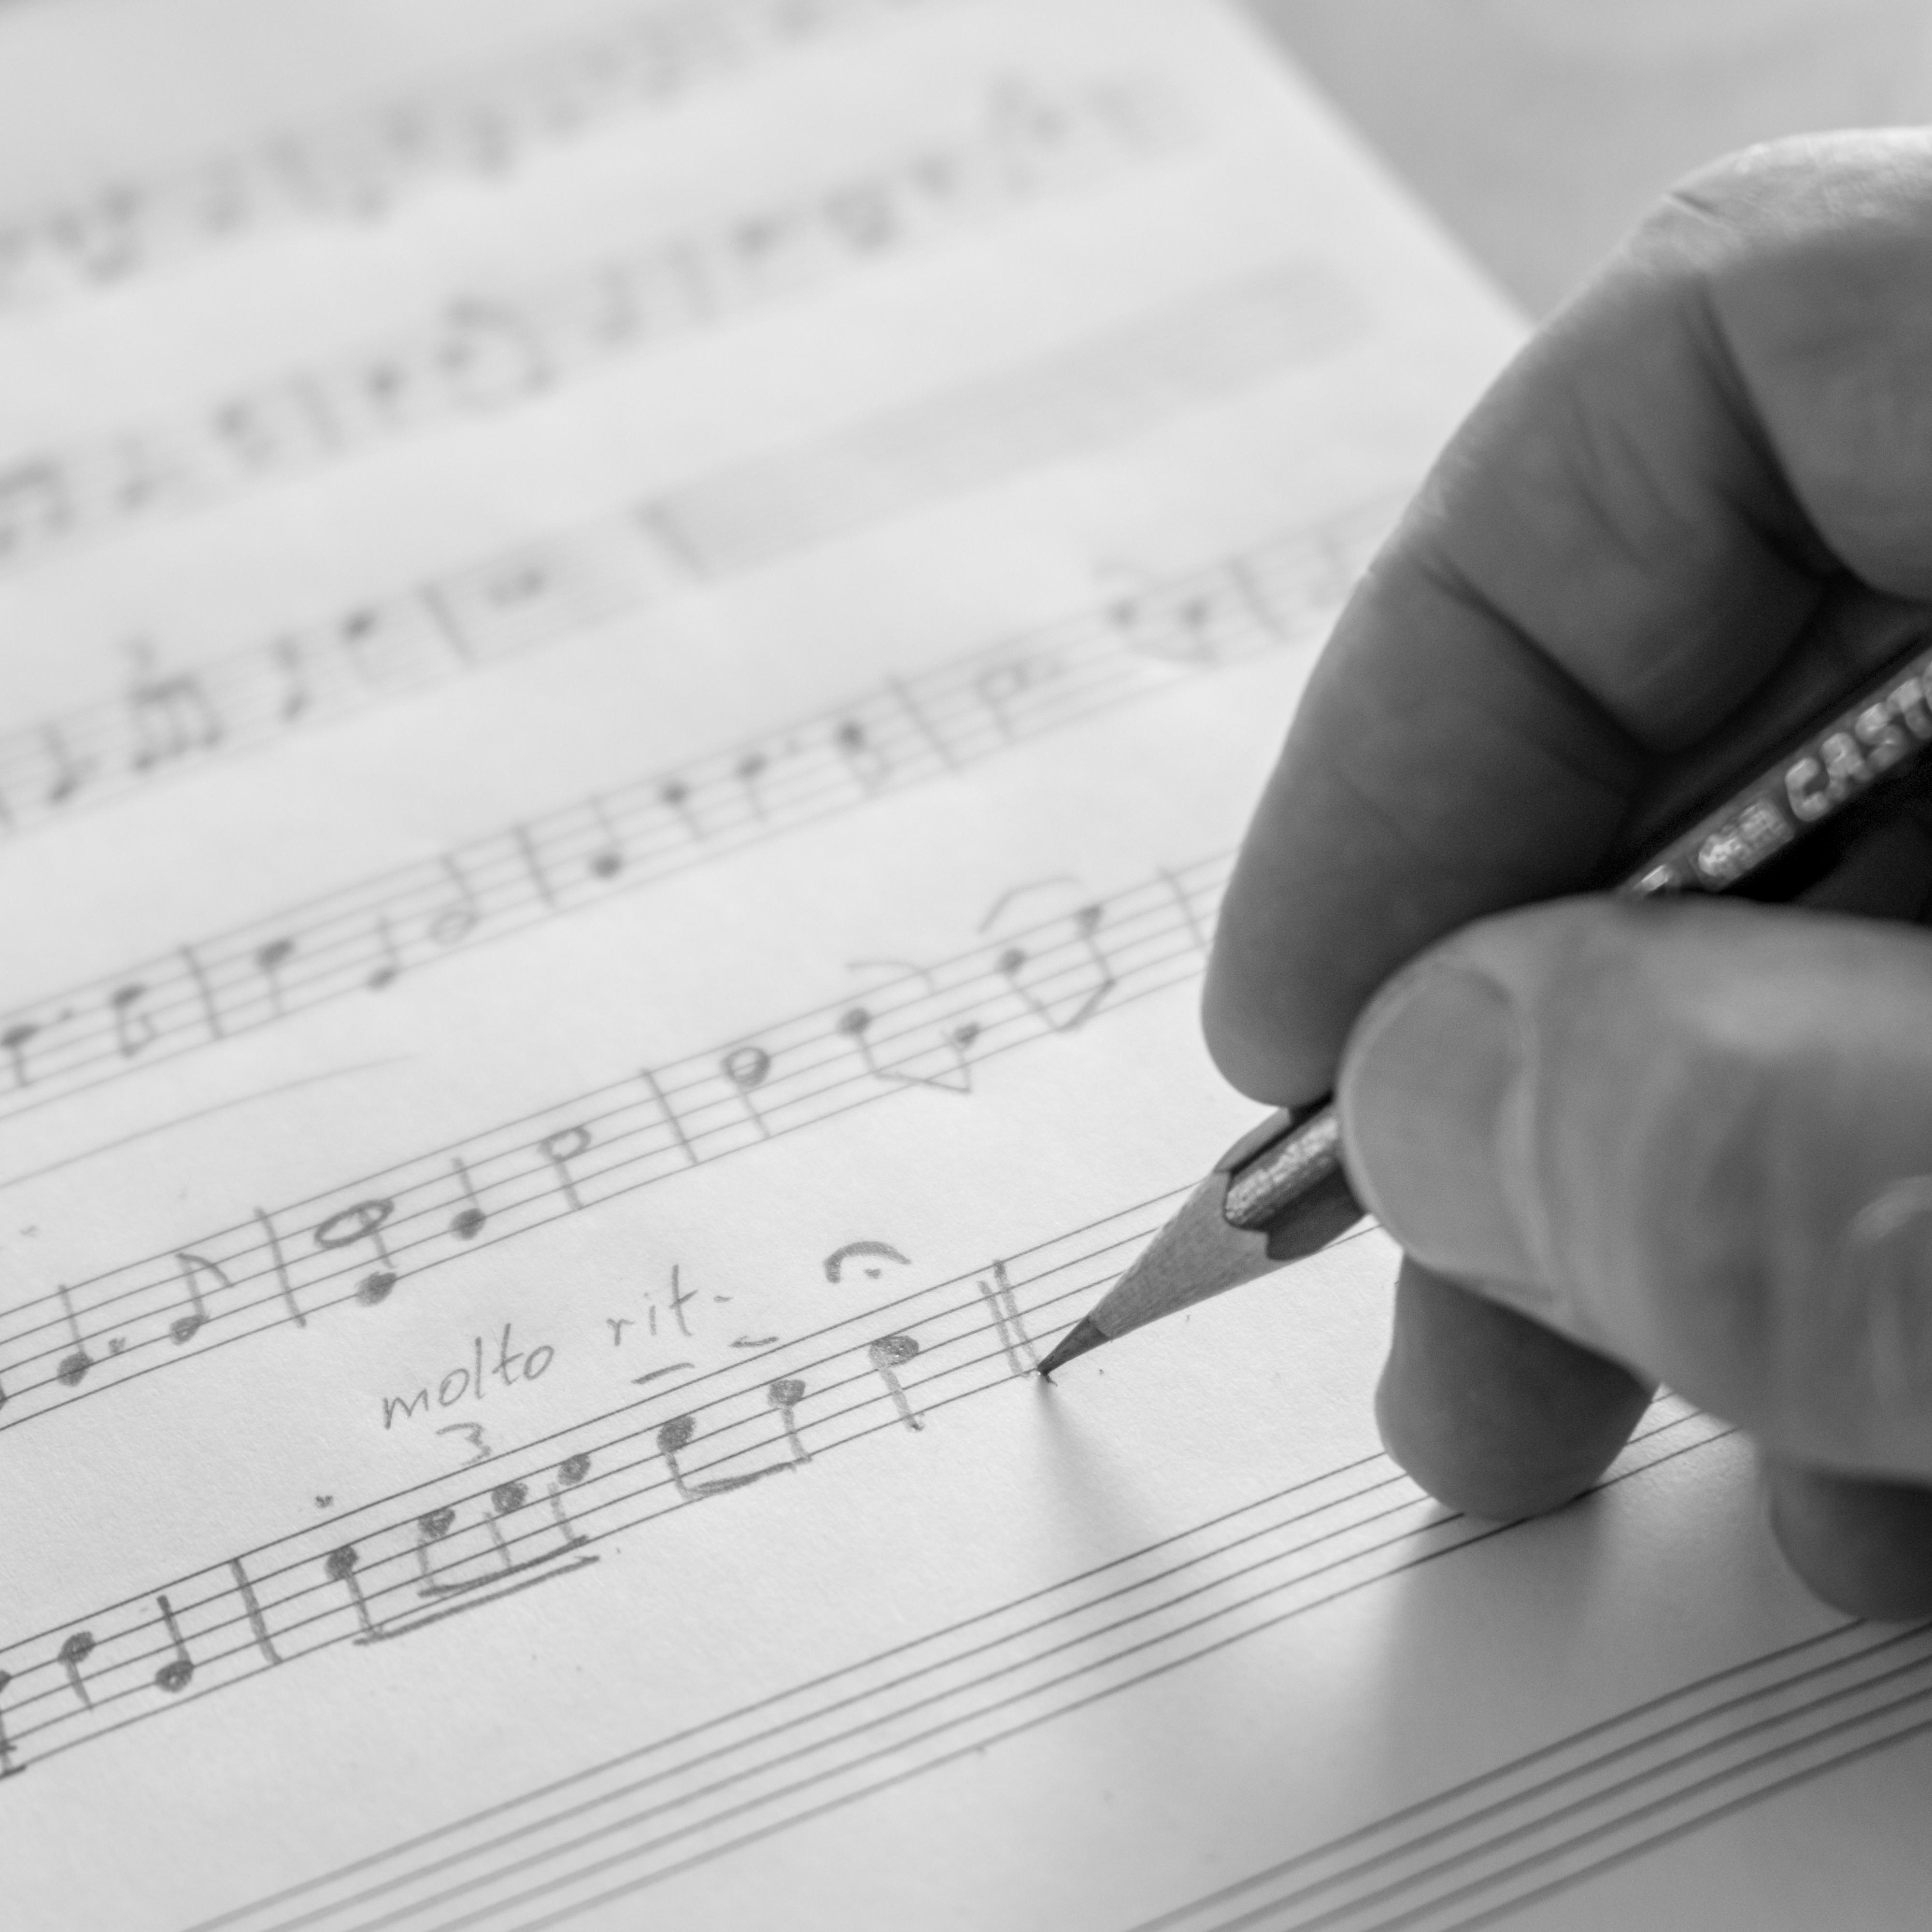 Neue Musikstücke werden zunächst von Hand auf Papier gebracht